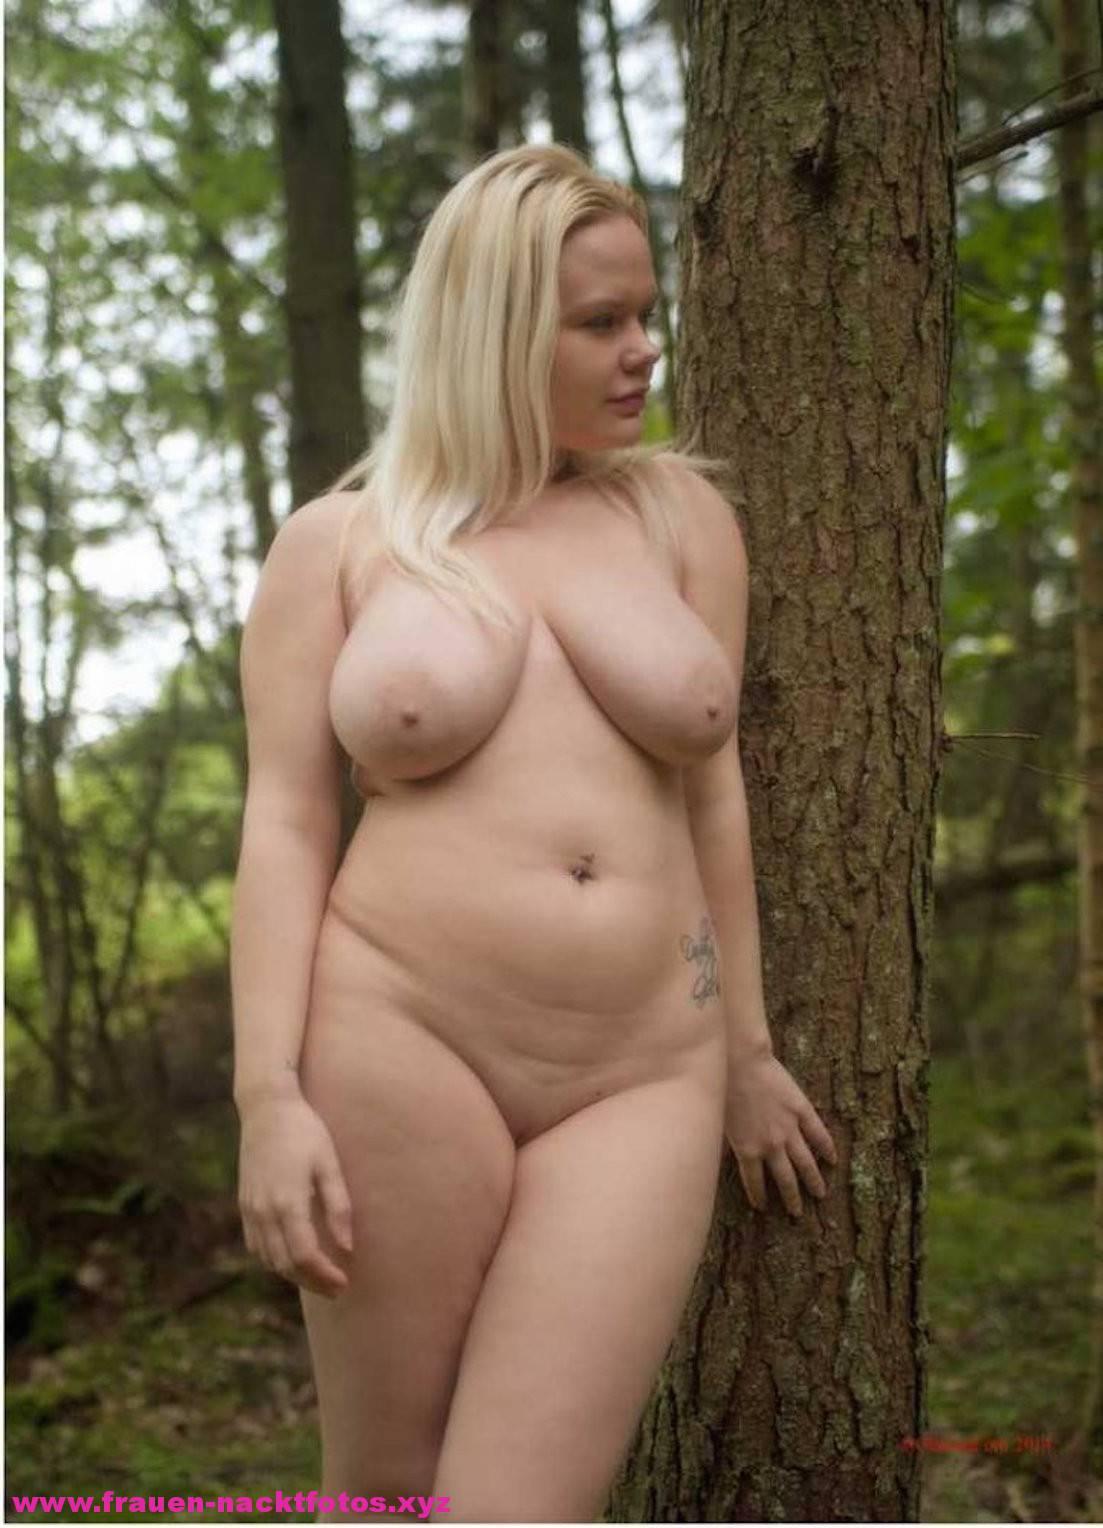 Frauen Nackt Im Wald